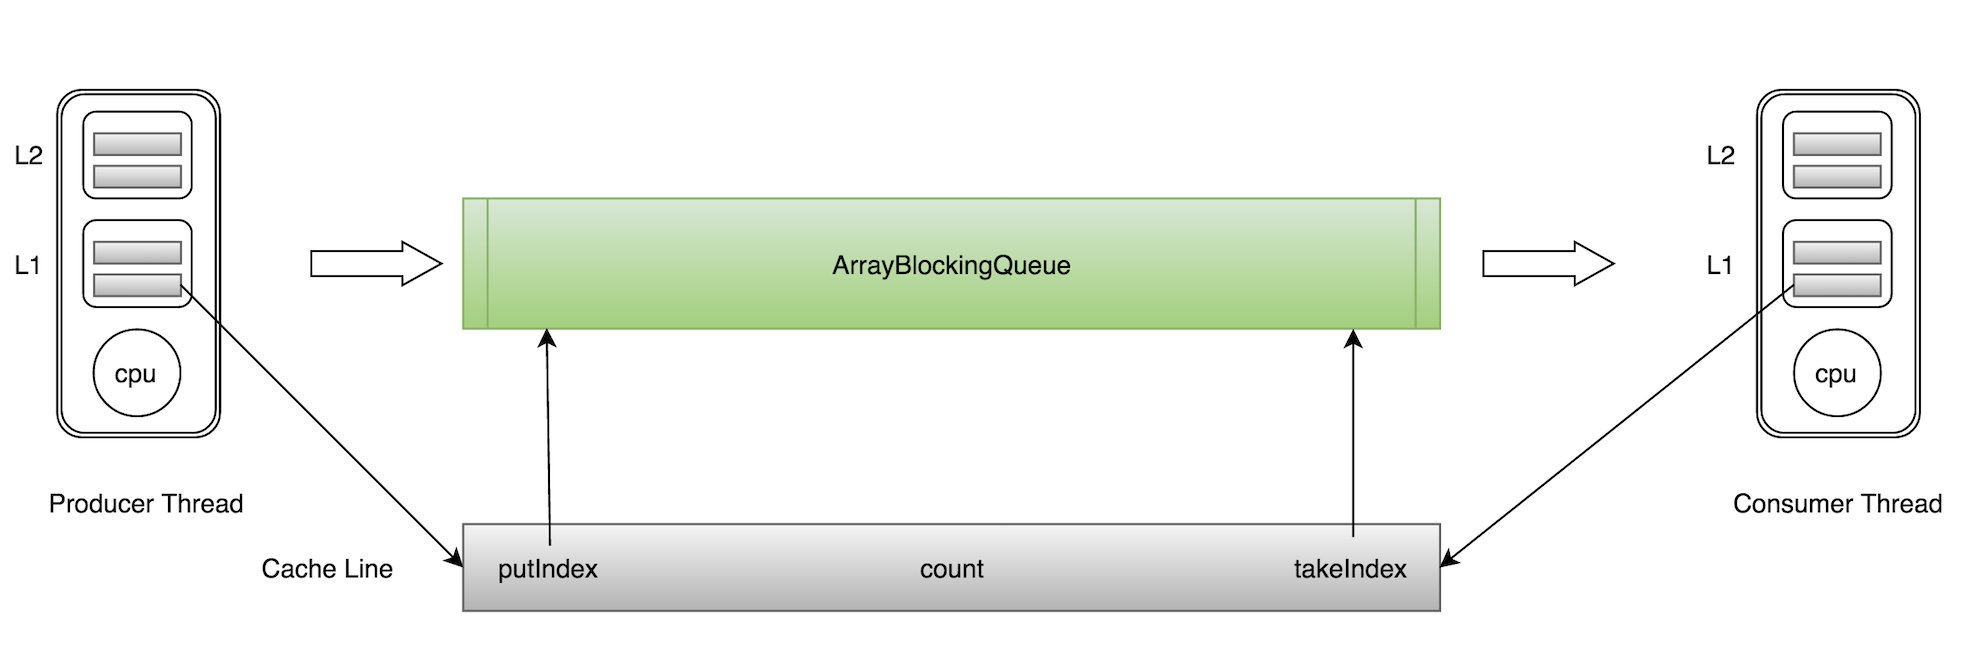 图4 ArrayBlockingQueue伪共享示意图